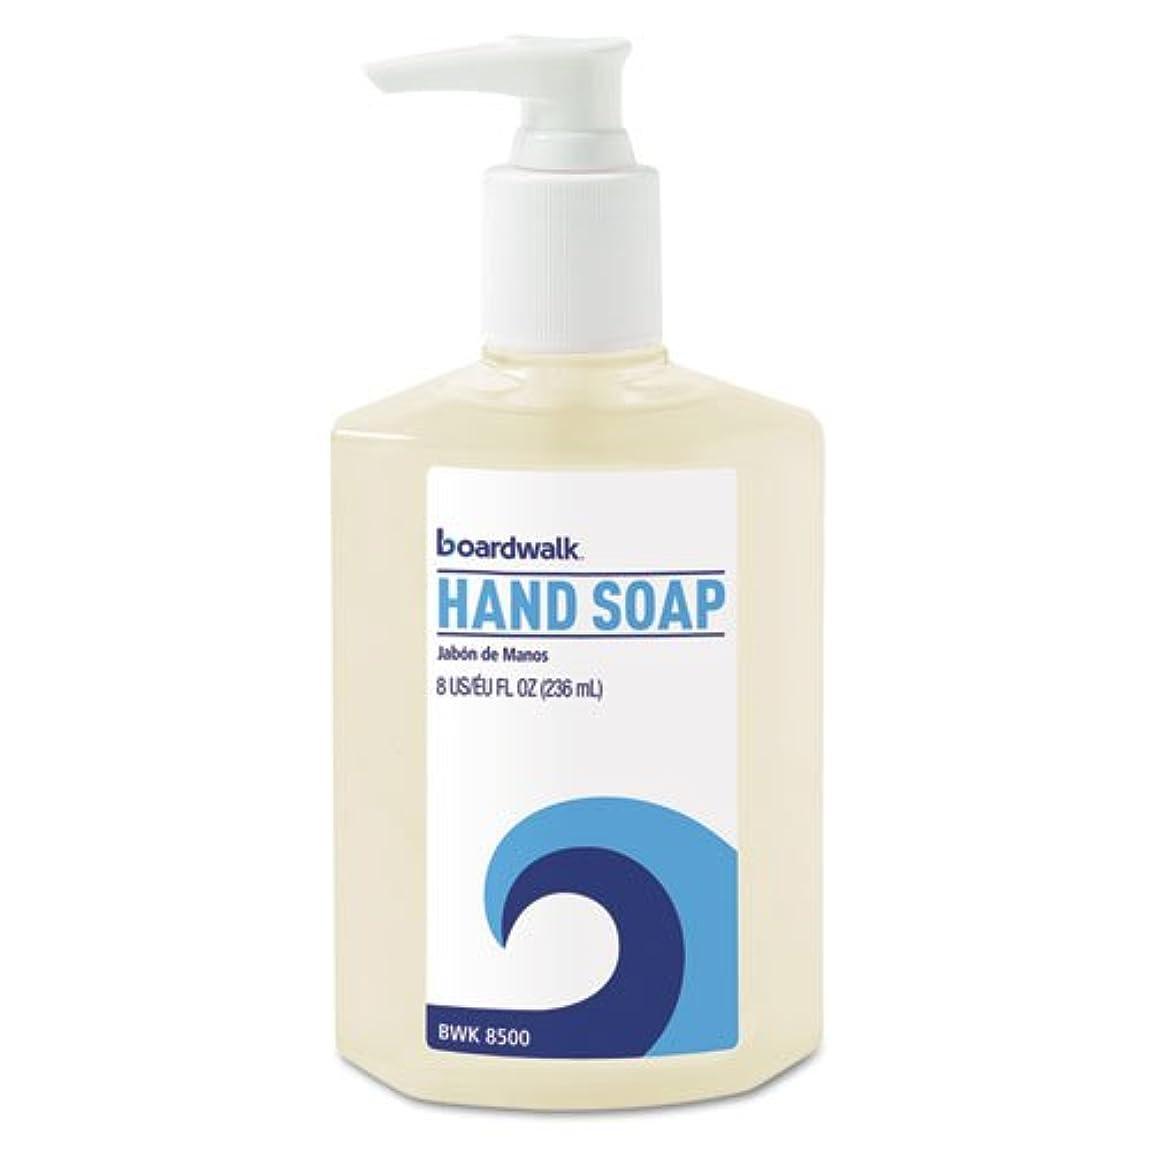 いつ治安判事放課後bwk8500 – Liquid Hand Soap